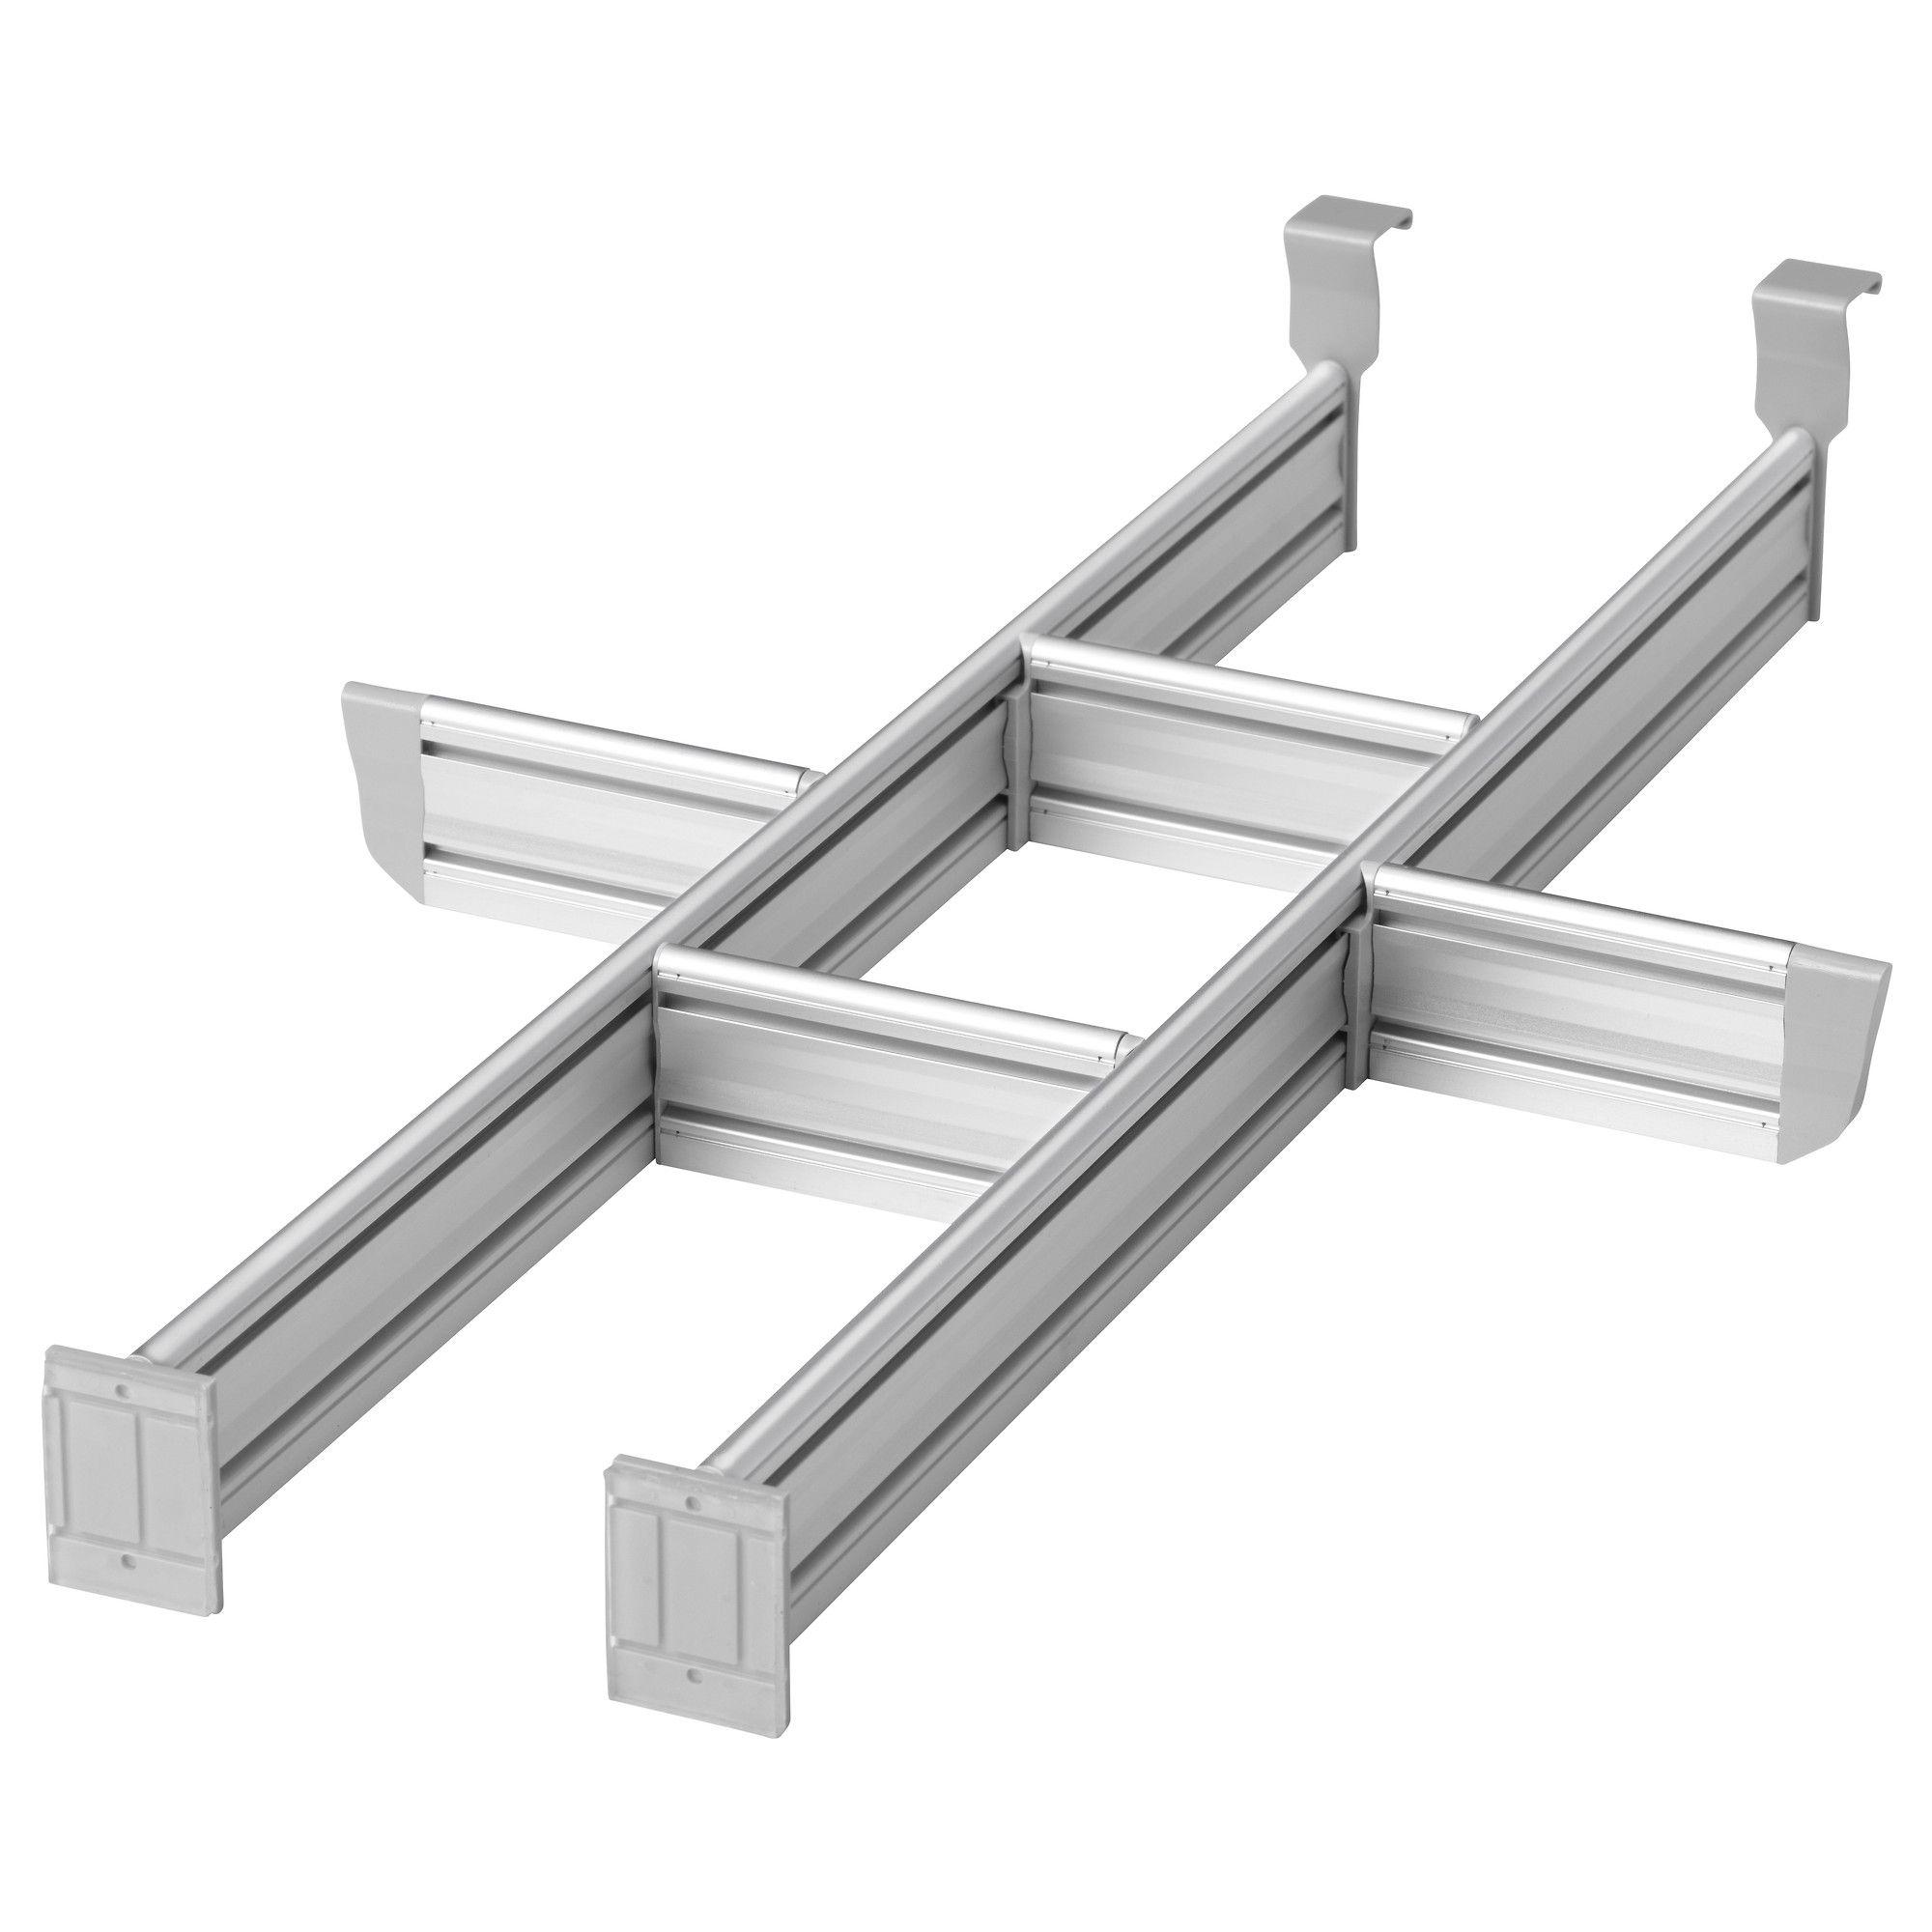 RATIONELL Trennsteg, Basis - IKEA: Einsätze für Schubladen, die ...